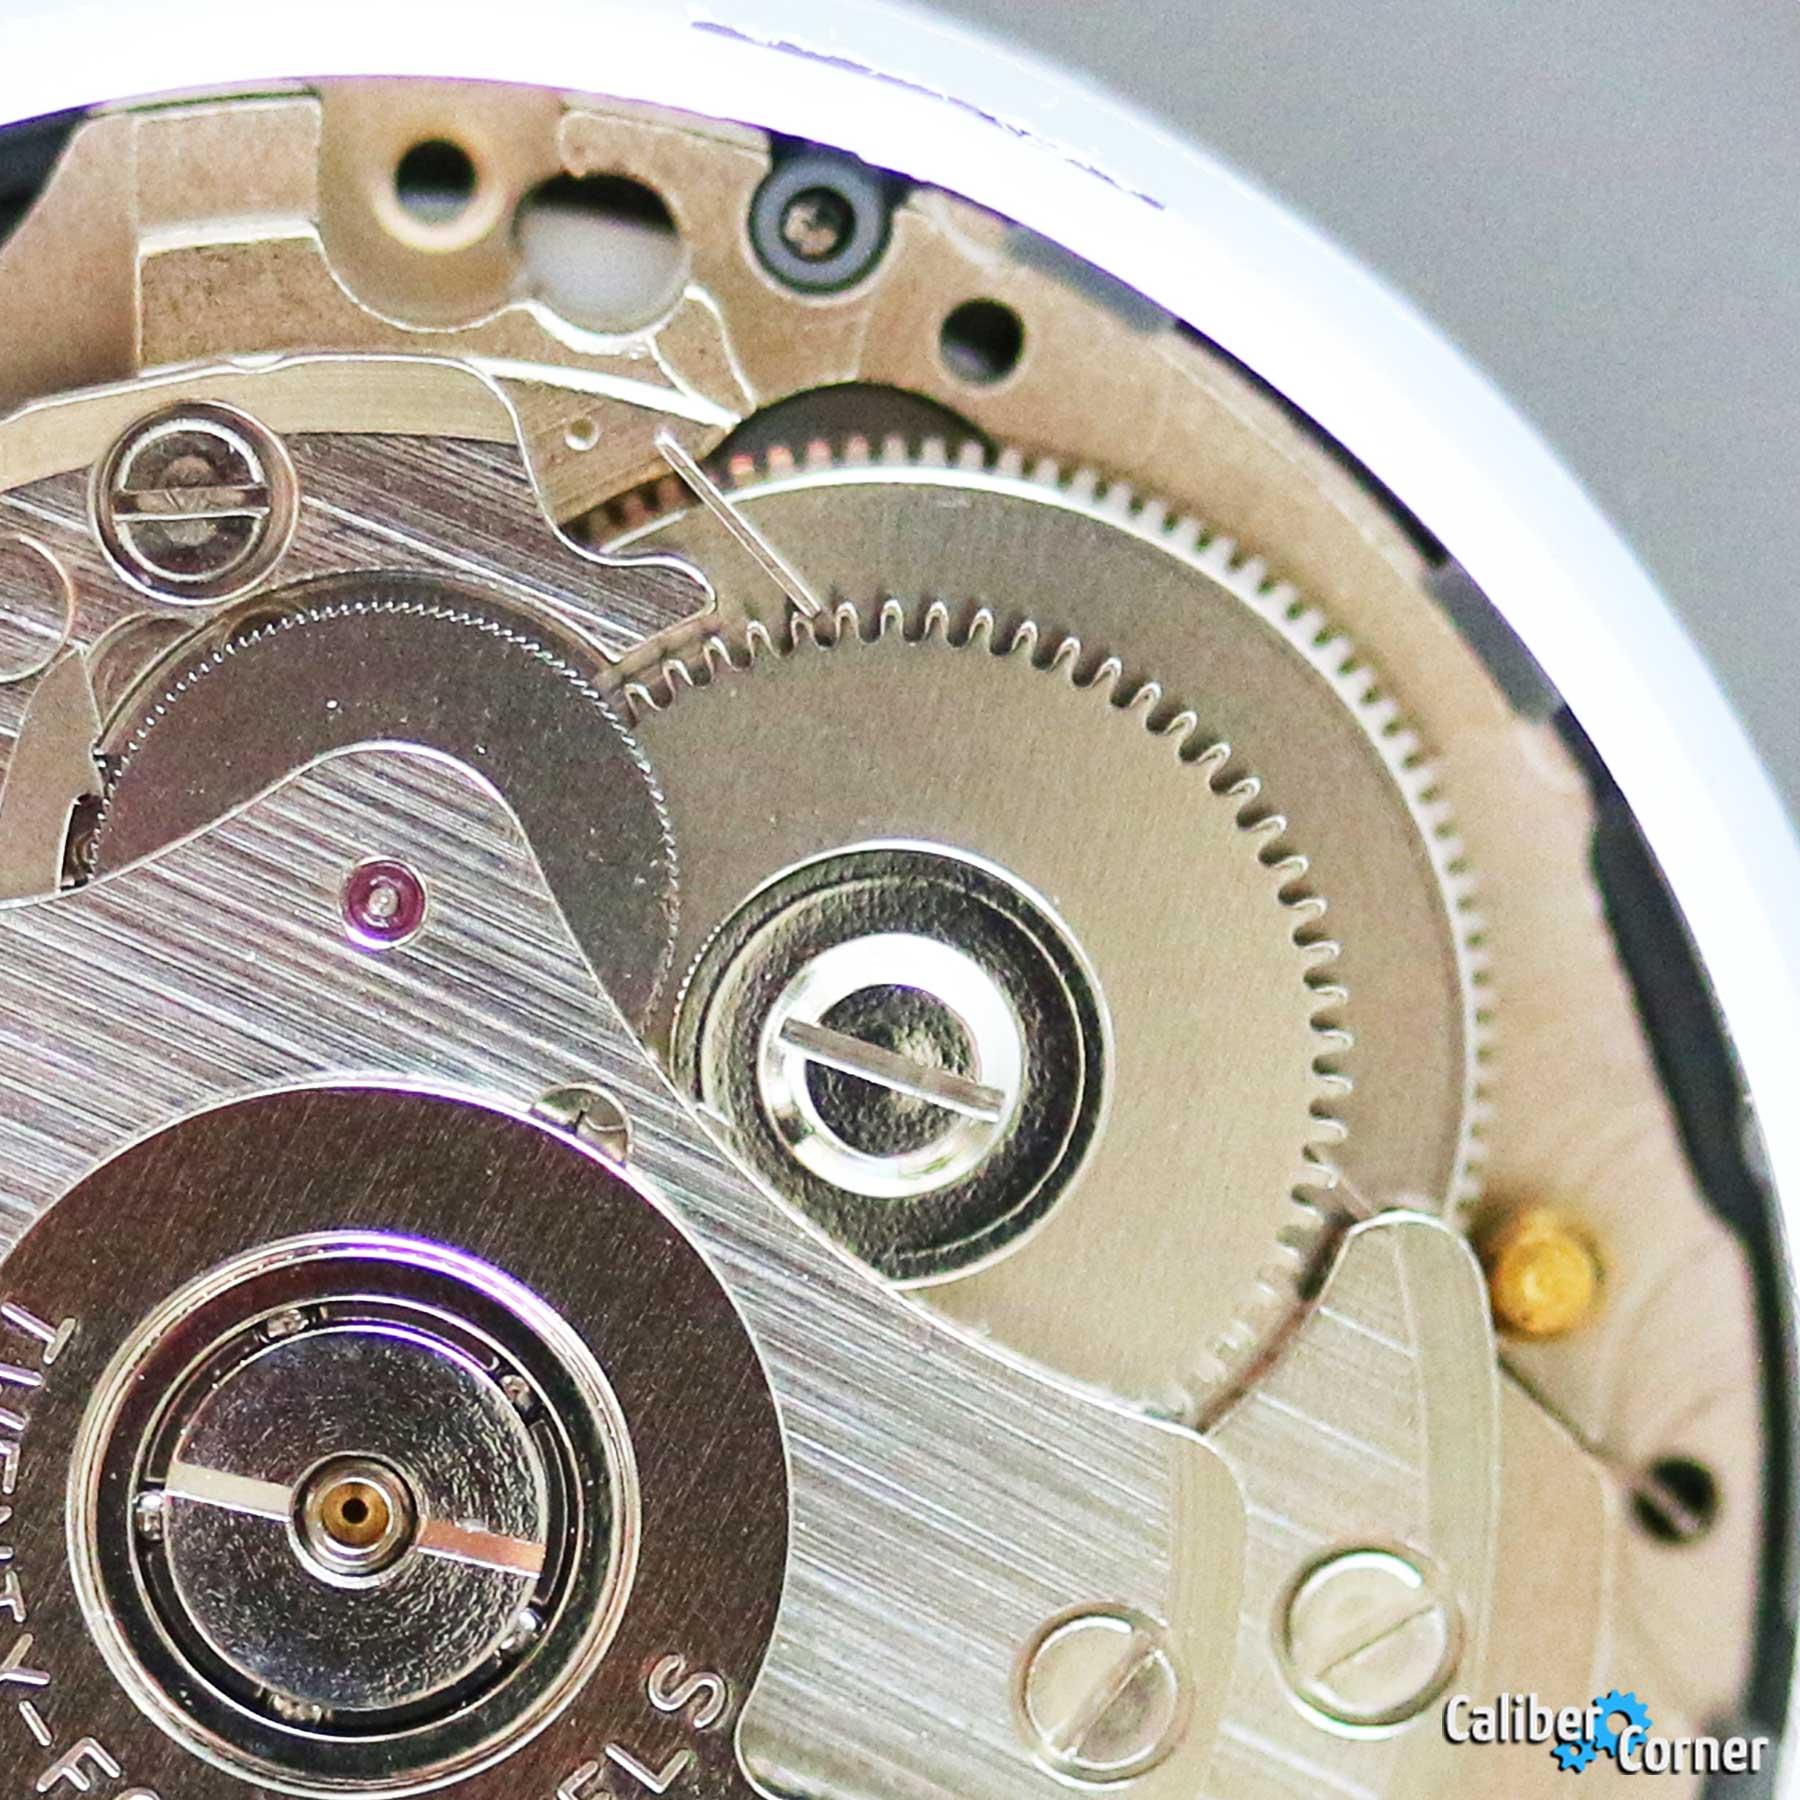 Seiko Nh37a Gears